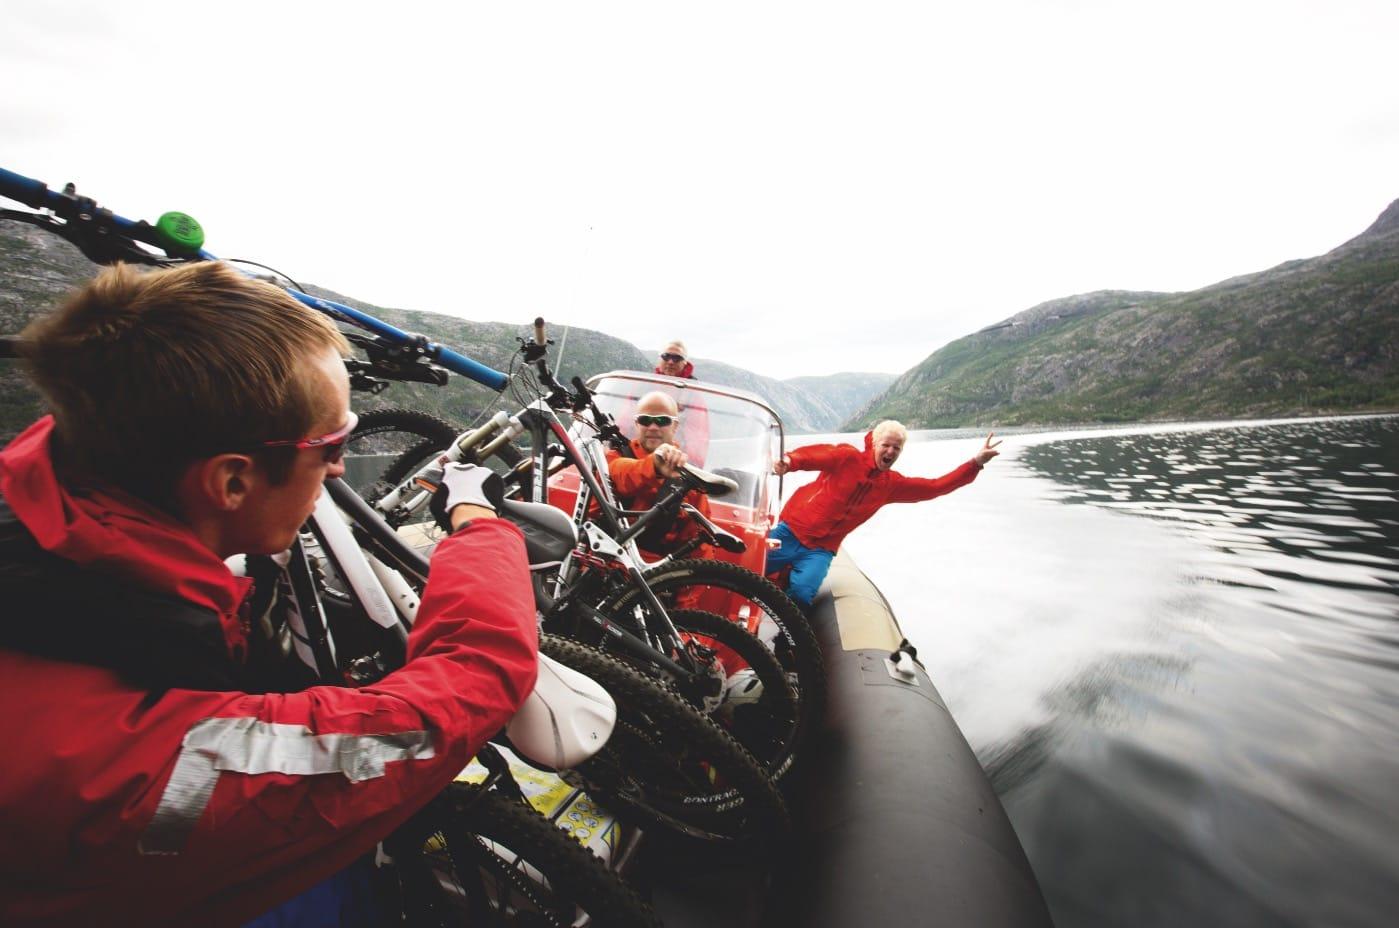 EPISK AVSLUTNING: Sykler du Rallarvegen til Rombaksbotn i turistsesongen, er det mulig å bestille båttur med RIB tilbake til Narvik. Sture Pettersen er greit fornøyd med spesialbehandlingen vi fi kk på slutten av vår tur.